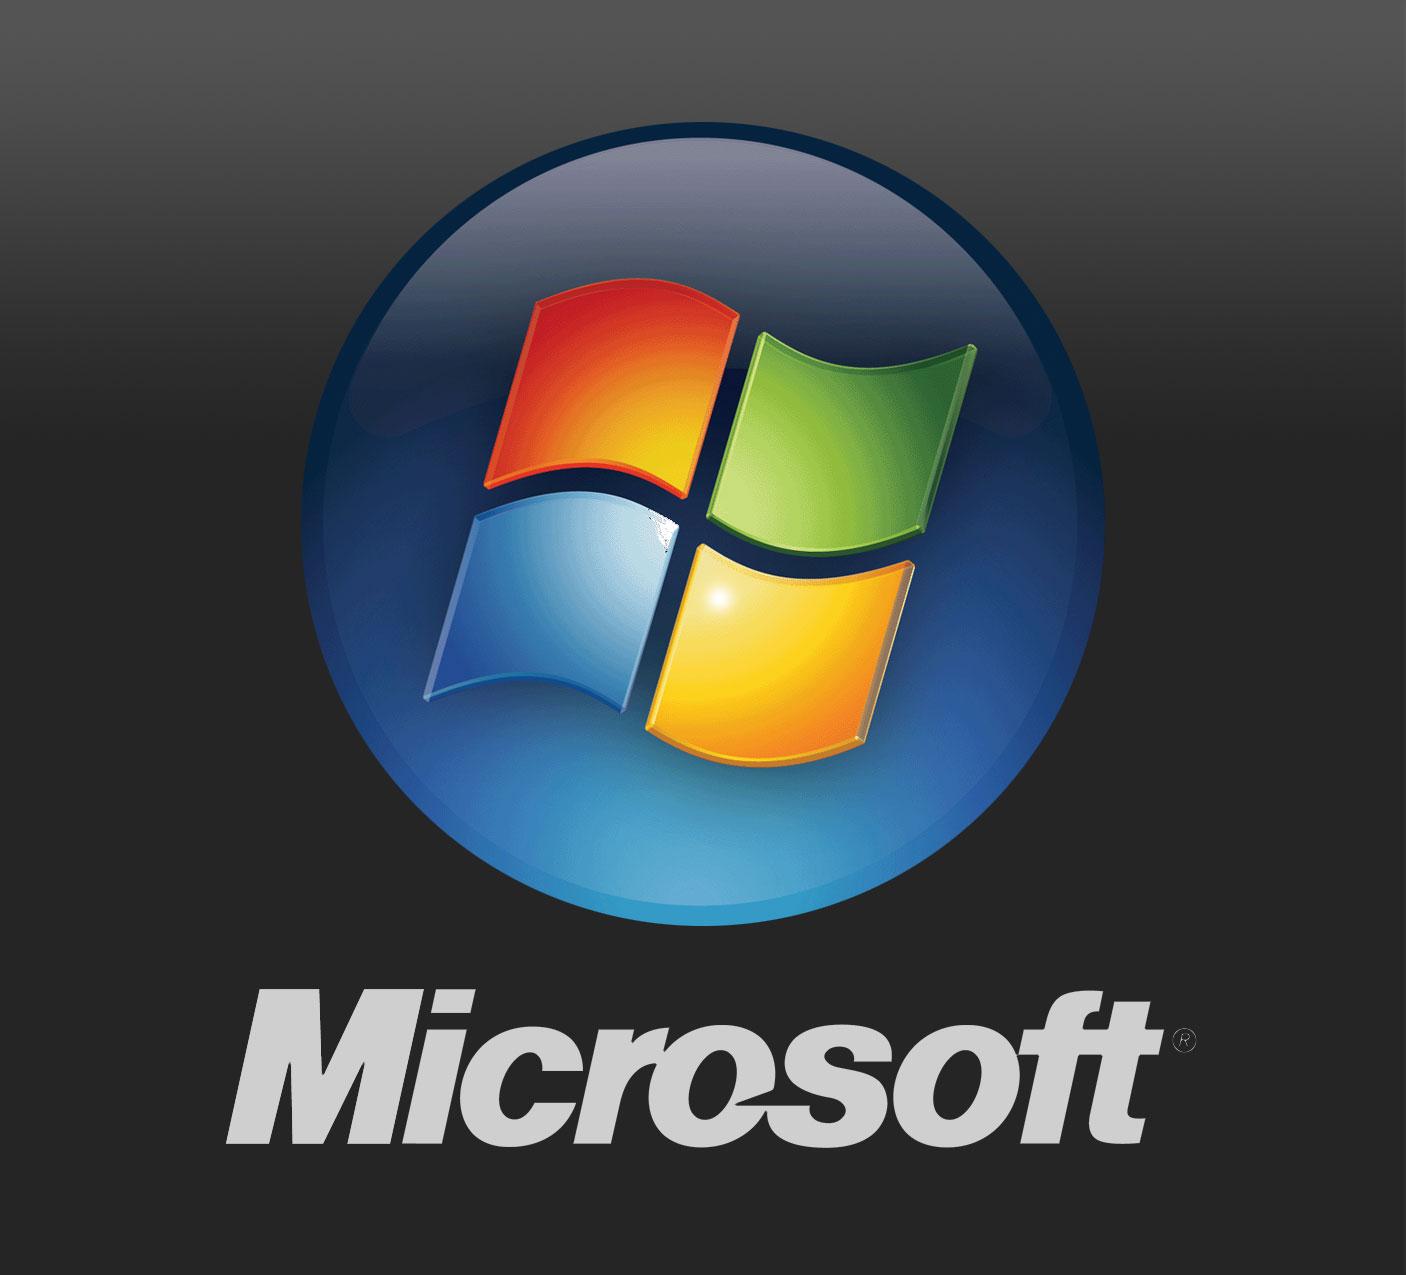 11 Microsoft Logo Icon Images